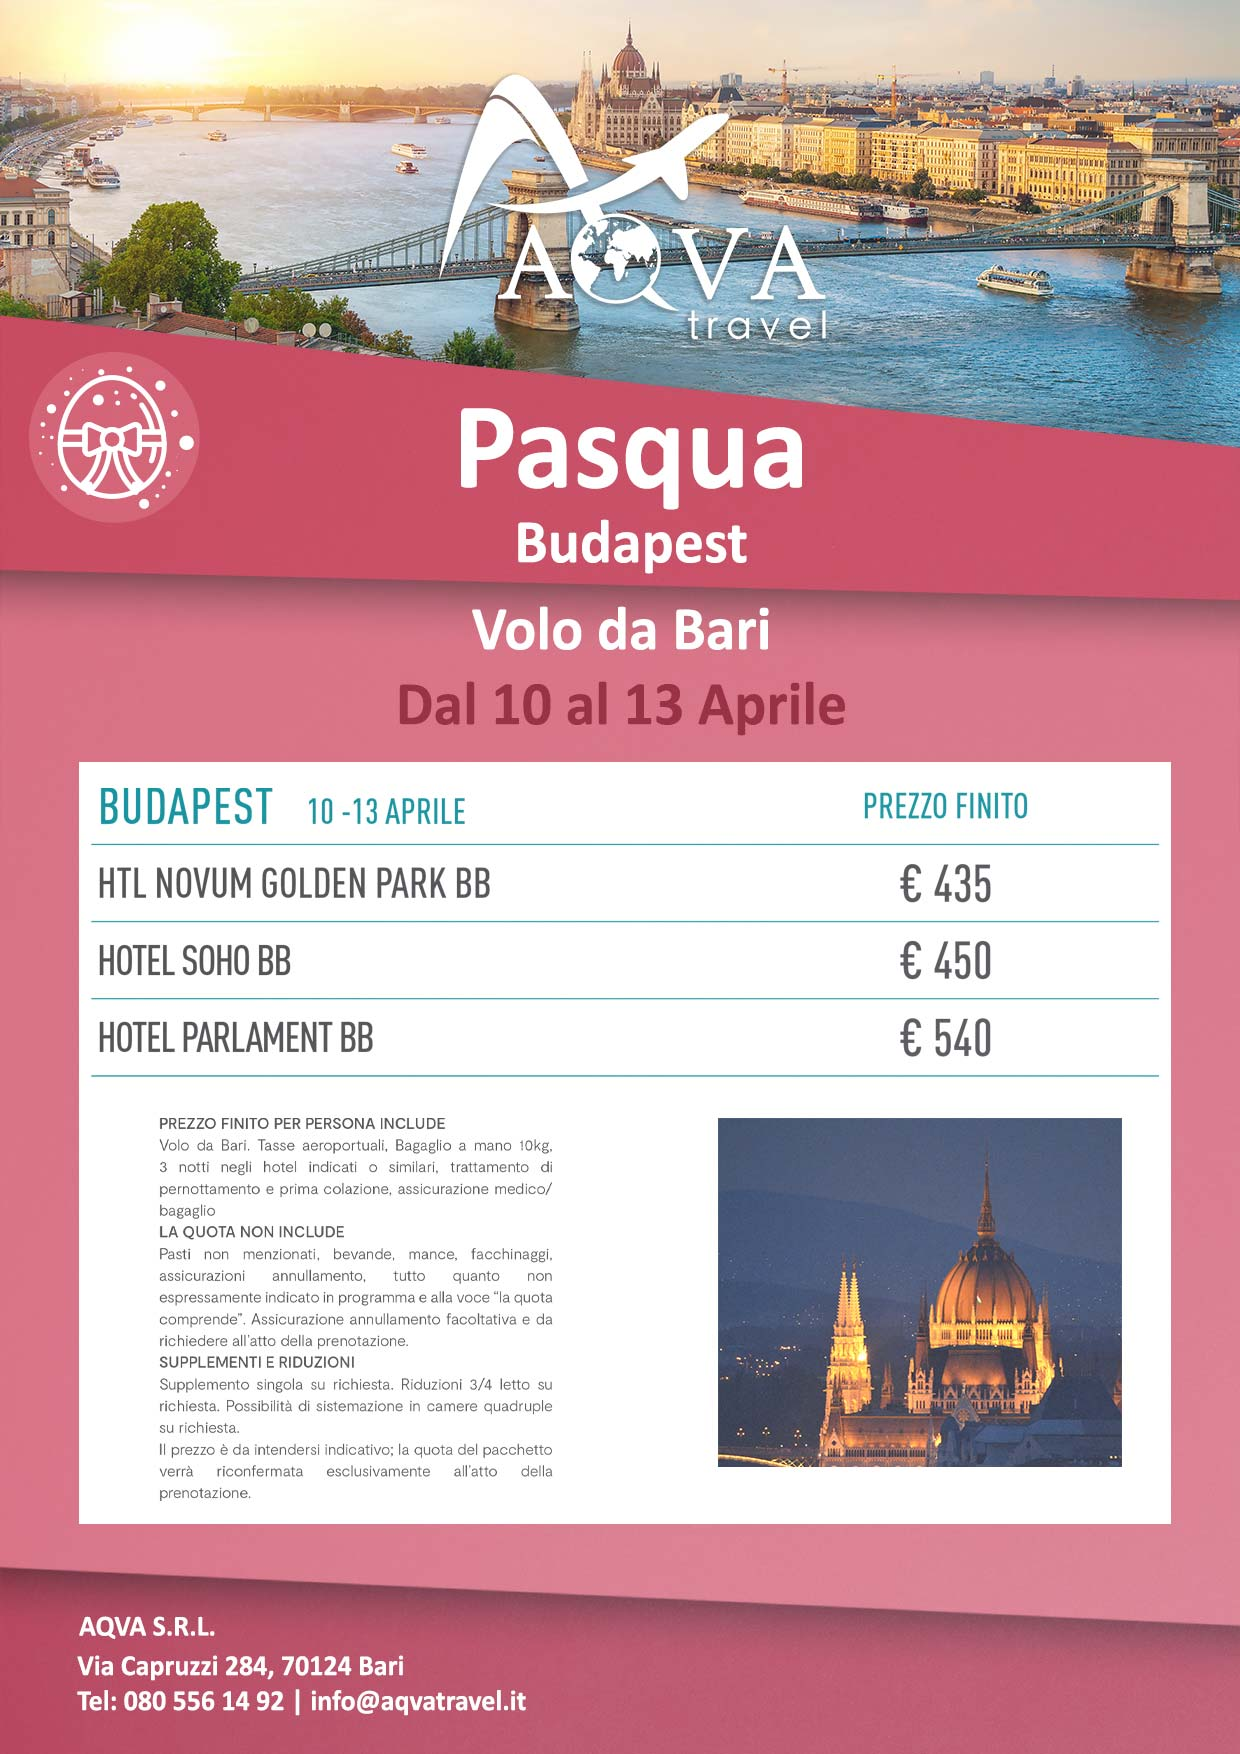 Pasqua-Budapest--Volo-da-Bari-Dal-10-al-13-Aprile-Pasqua-offerte-agenzia-di-viaggi-Bari-AQVATRAVEL-it